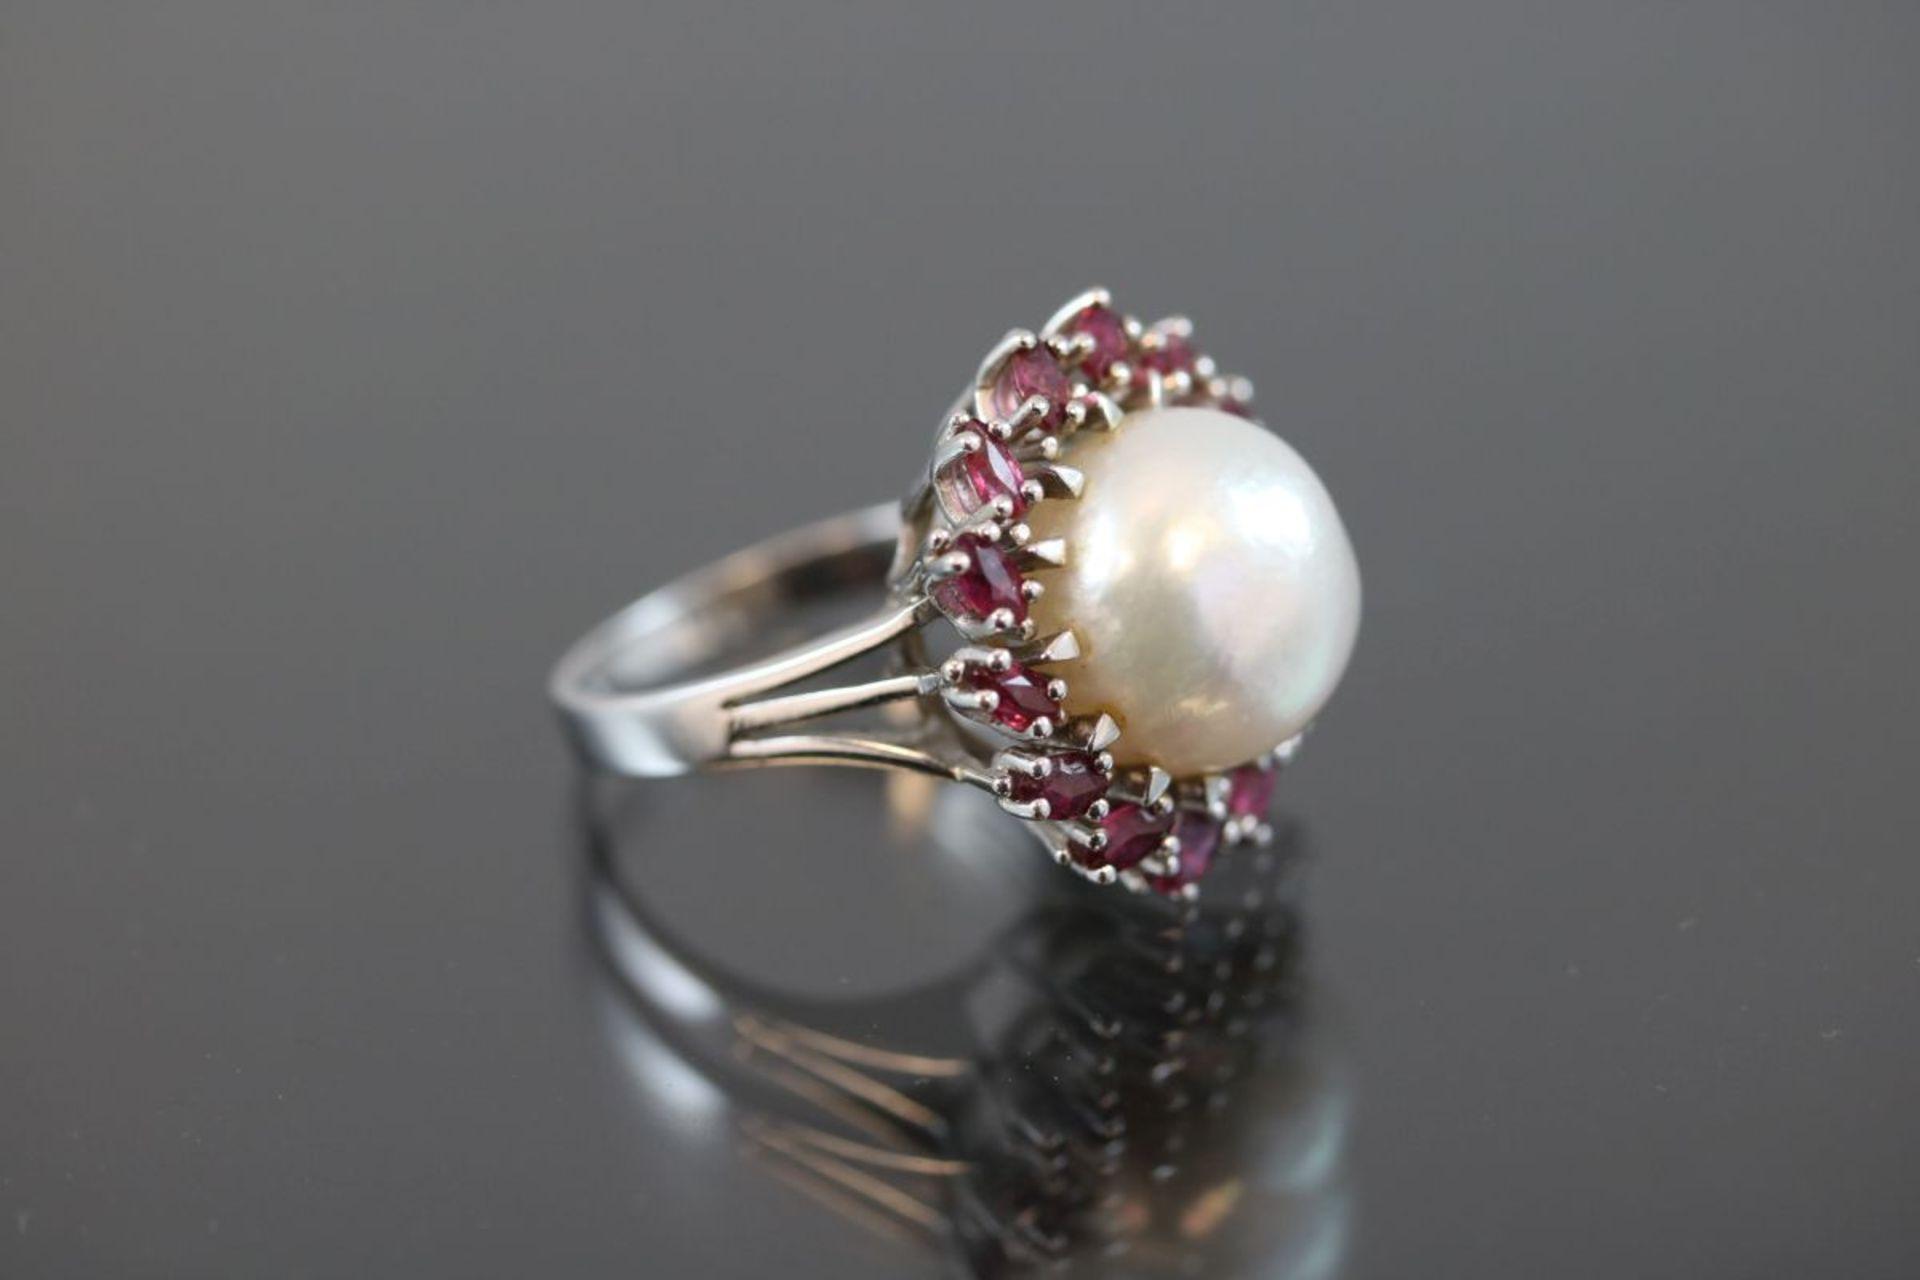 Mabeperl-Rubin-Ring, 585 Weißgold8,75 Gramm 14 Rubine, ca. 1 ct., Ringgröße: 54Schätzpreis: 2200,- - Bild 3 aus 3